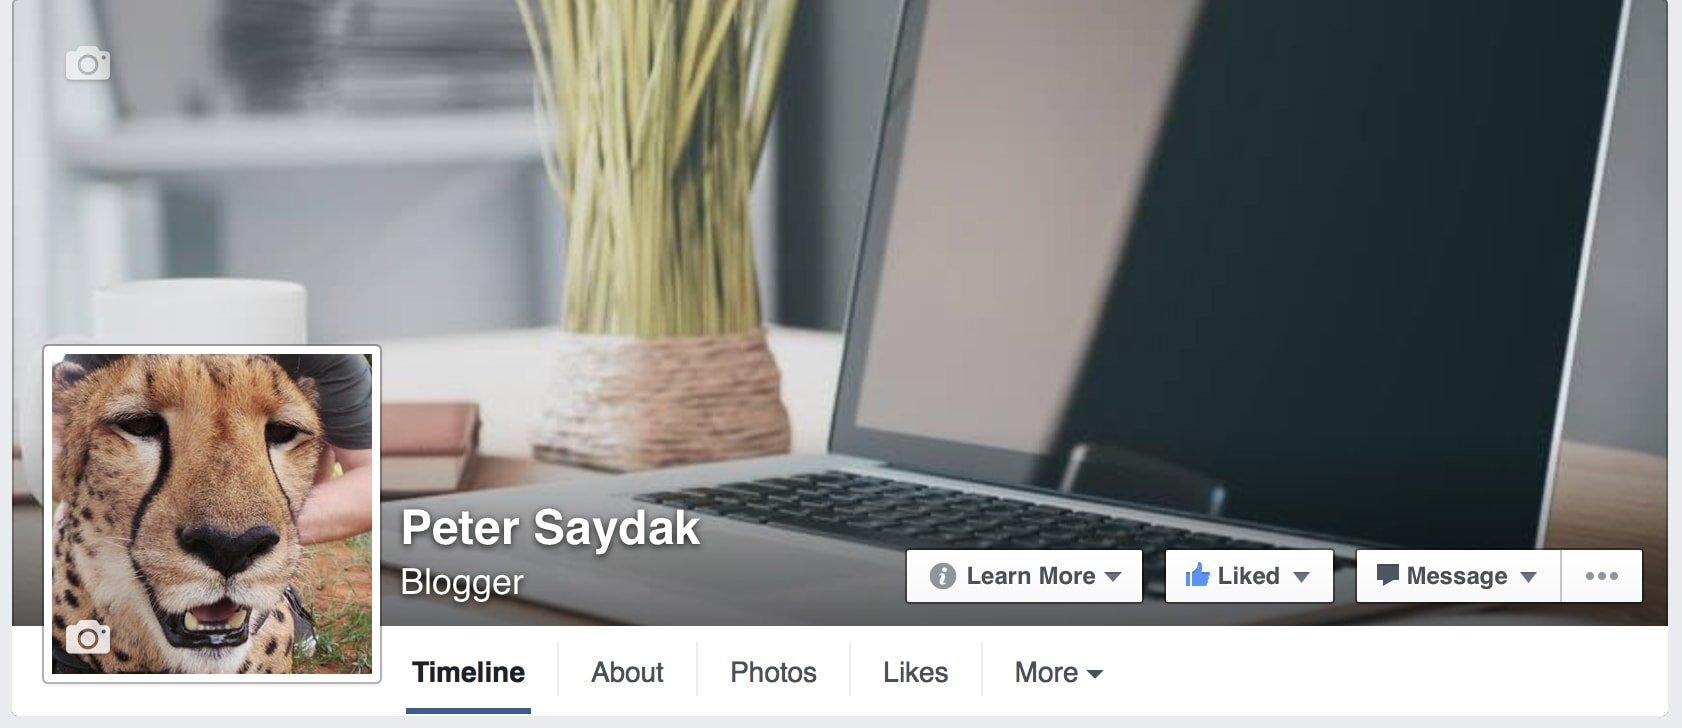 Peter Saydak's Facebook Page